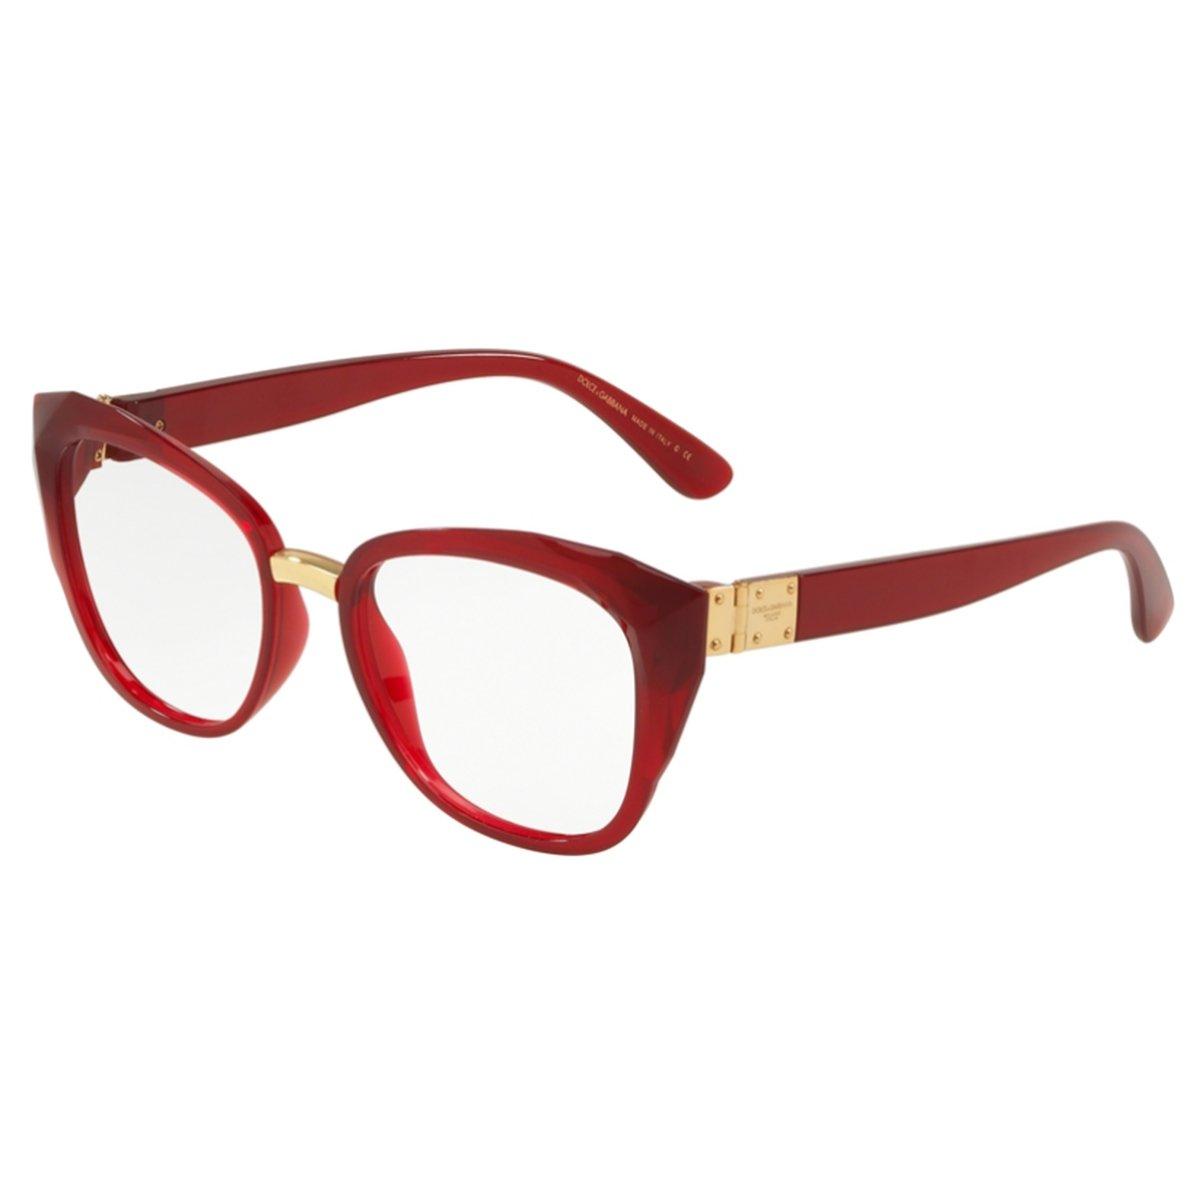 95a8a29ff Compre Óculos de Grau Dolce & Gabbana em 10X | Tri-Jóia Shop